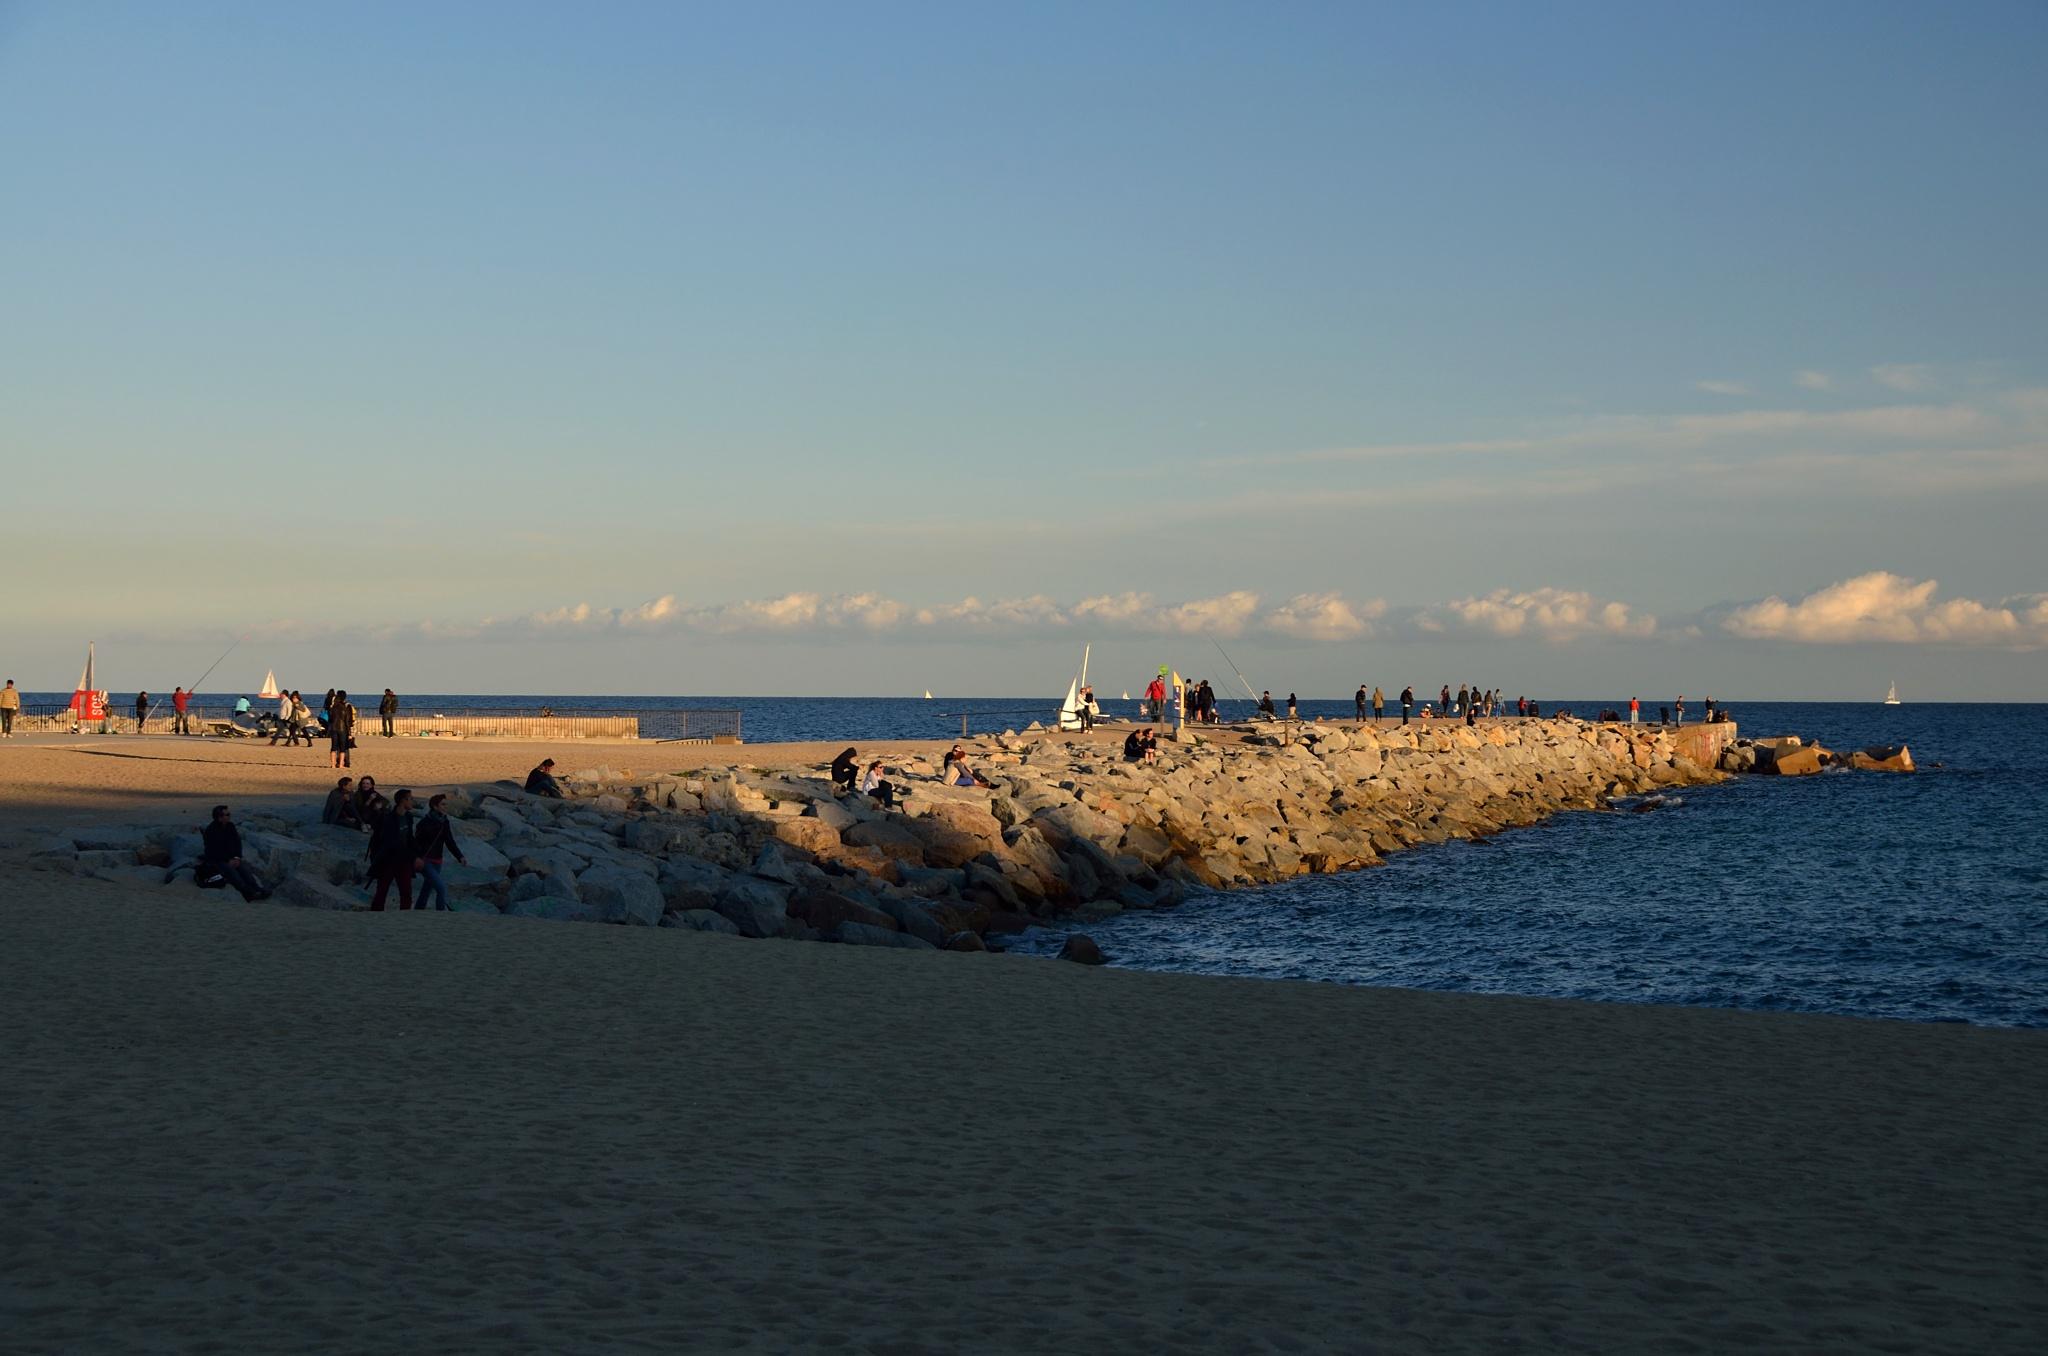 Na pláži u moře